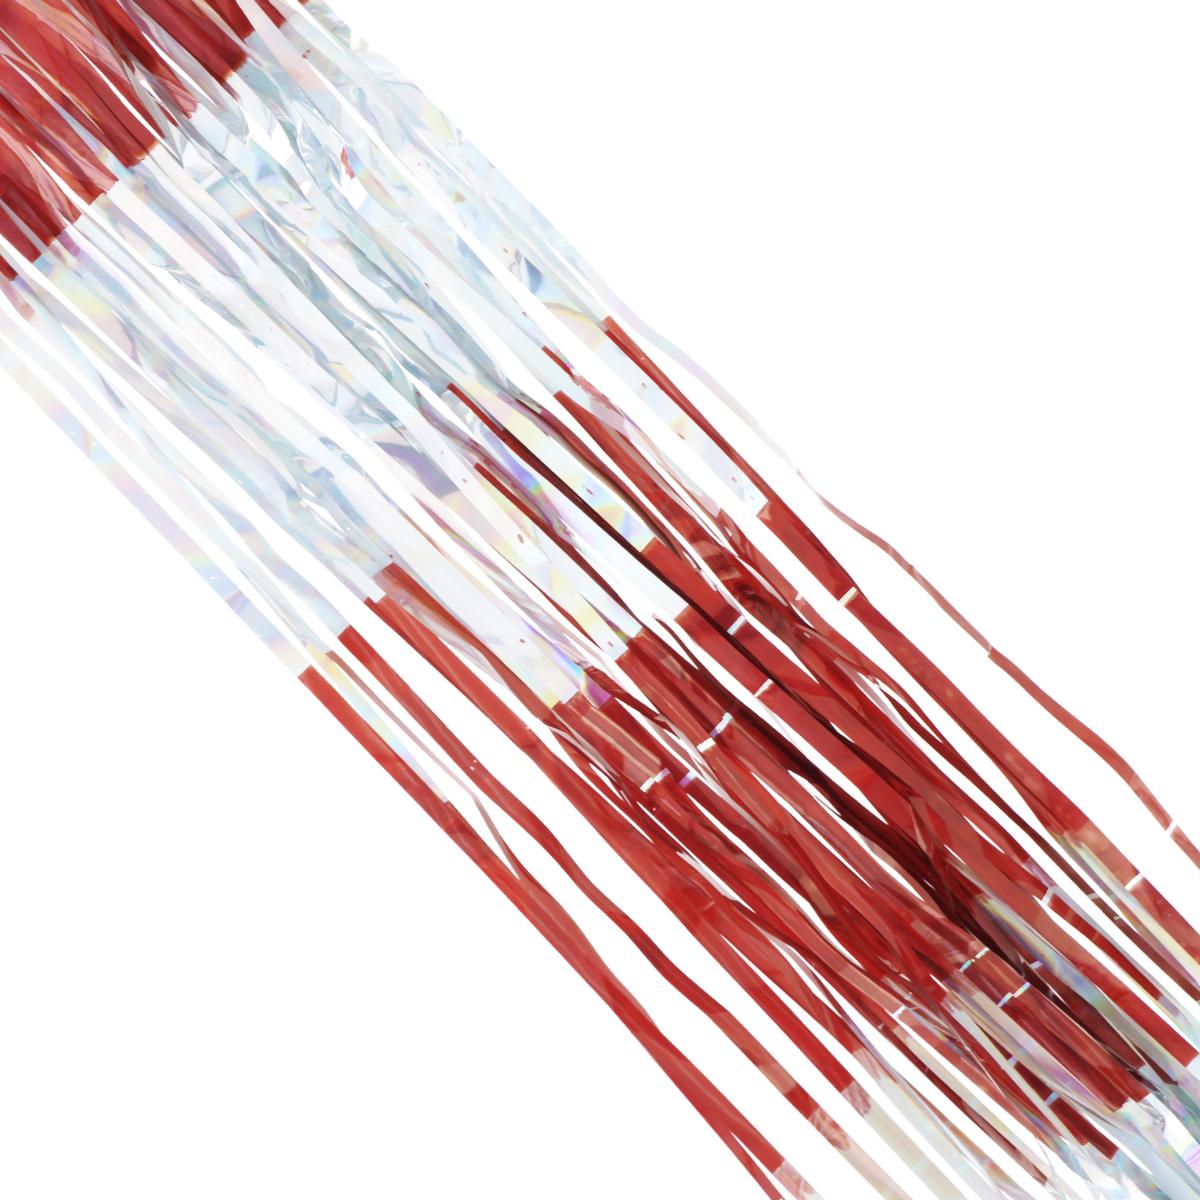 Дождик новогодний Sima-land, цвет: красный, серебристый, 15 см х 100 см. 701537701537_красныйНовогодний дождик Sima-land, изготовленный из двухцветной фольги, поможет вам украсить свой дом к предстоящим праздникам. Новогодняя елка с таким украшением станет еще наряднее. Новогодним дождиком можно украсить все, что угодно - елку, квартиру, дачу, офис - как внутри, так и снаружи. Можно сложить новогодние поздравления, буквы и цифры, дождиком можно украсить и дополнить гирлянды, можно выделить дверные колонны, оплести дверные проемы. Коллекция декоративных украшений из серии Зимнее волшебство принесет в ваш дом ни с чем не сравнимое ощущение праздника! Создайте в своем доме атмосферу тепла, веселья и радости, украшая его всей семьей. Ширина: 15 см.